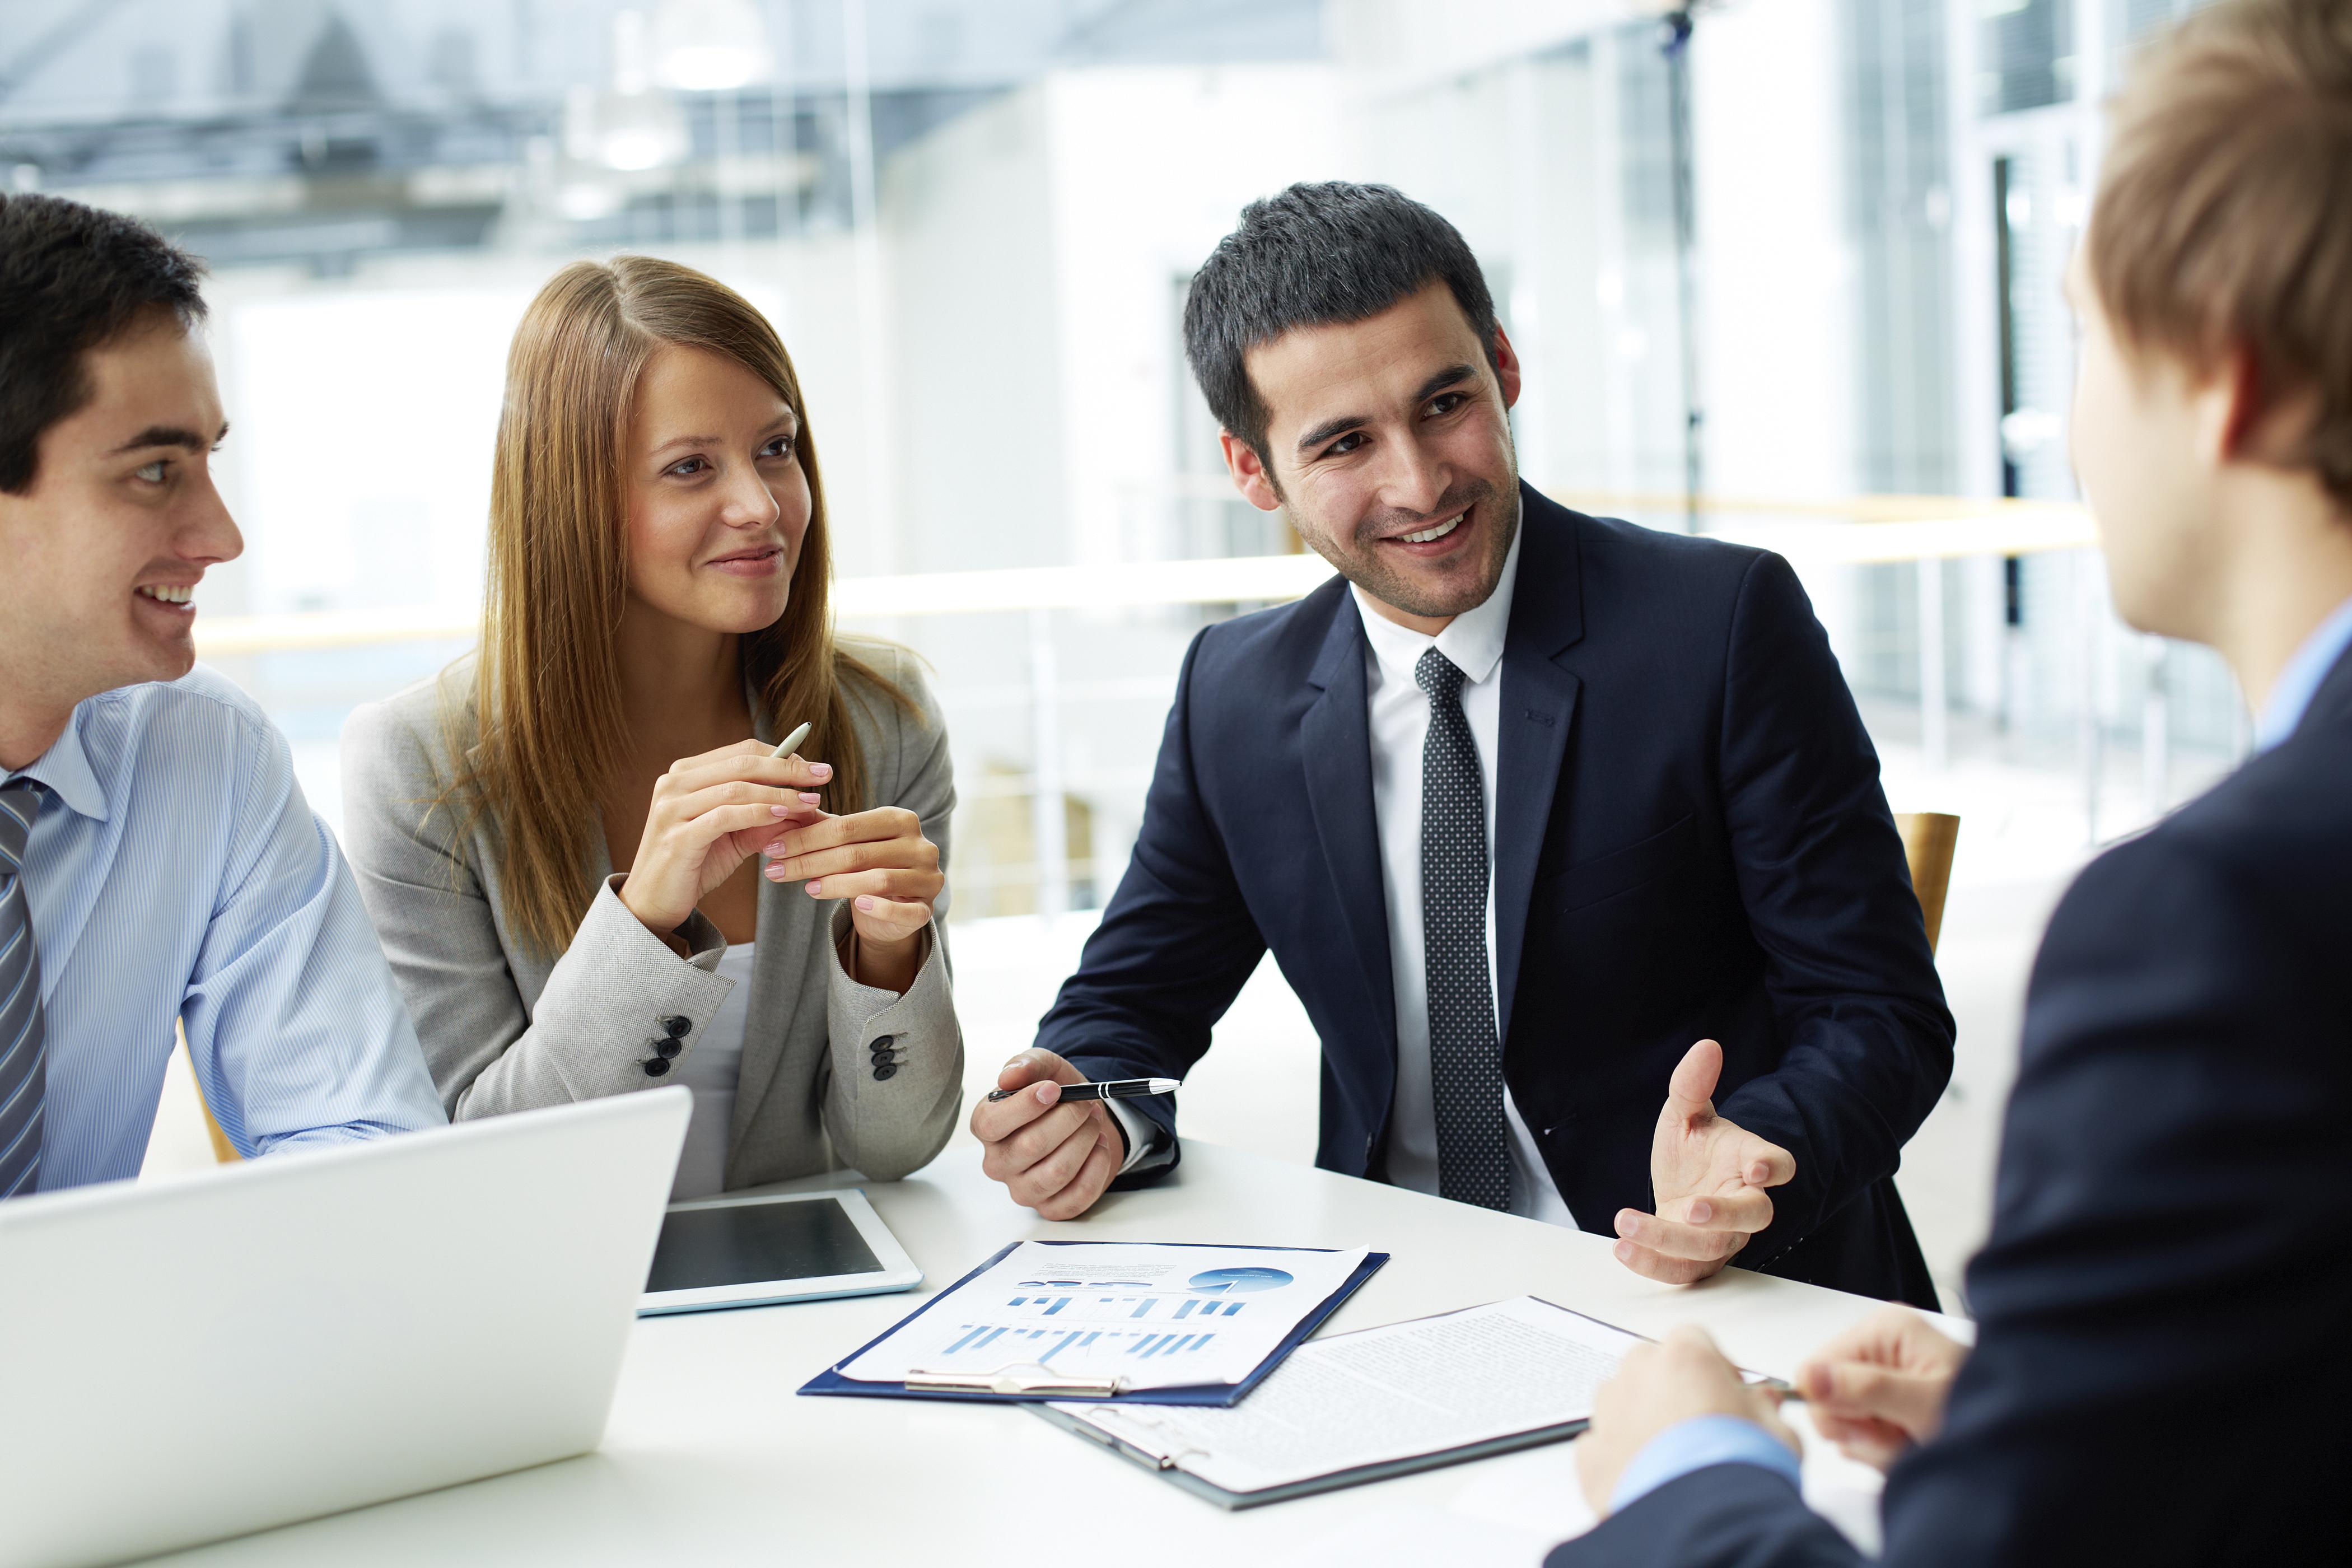 Bí kíp tiết kiệm tiền hiệu quả cho người mới đi làm